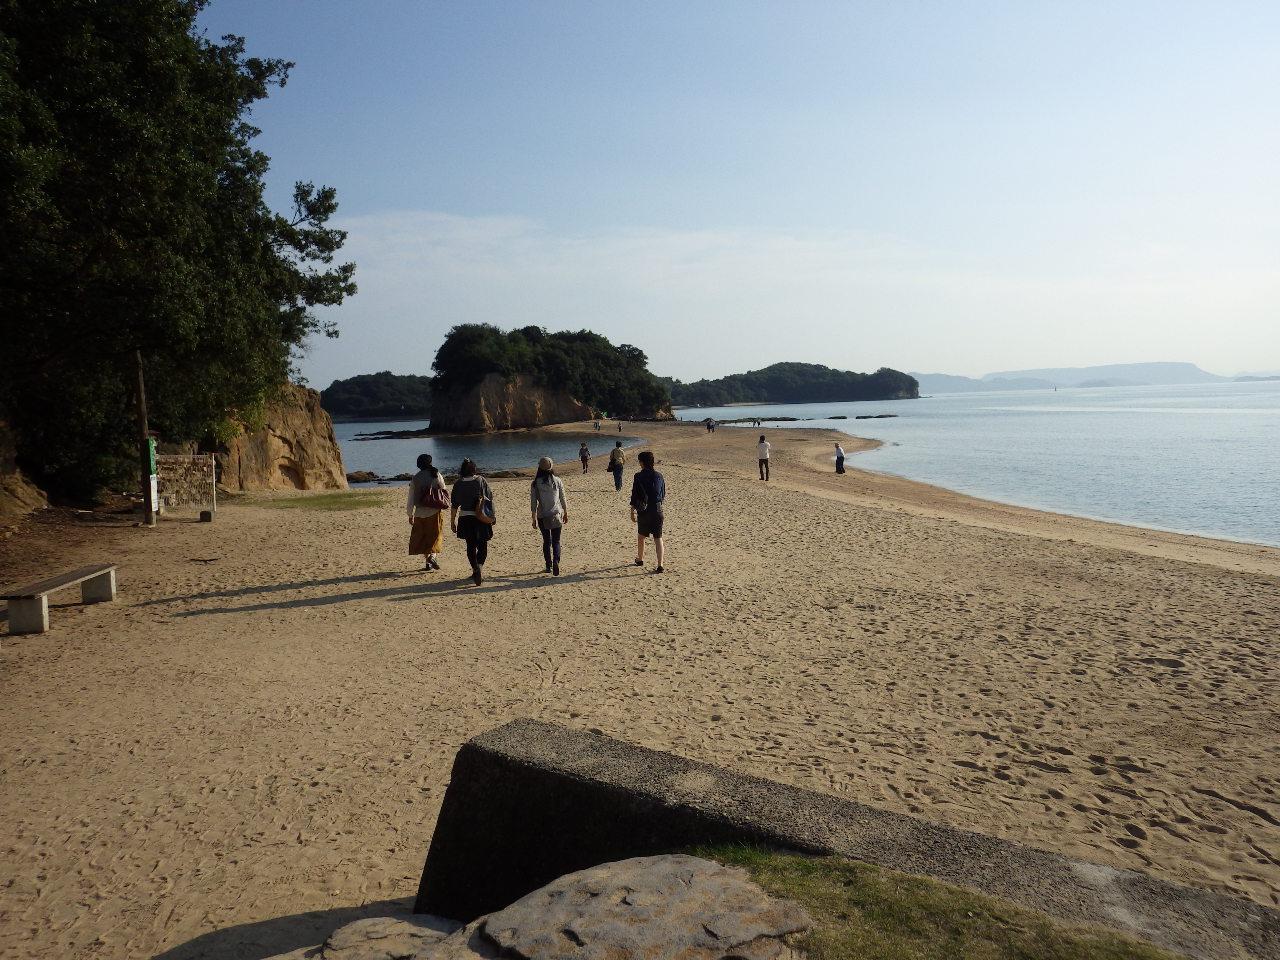 http://www.shonan-ls.co.jp/blog/landscape/img/RIMG0306.JPG